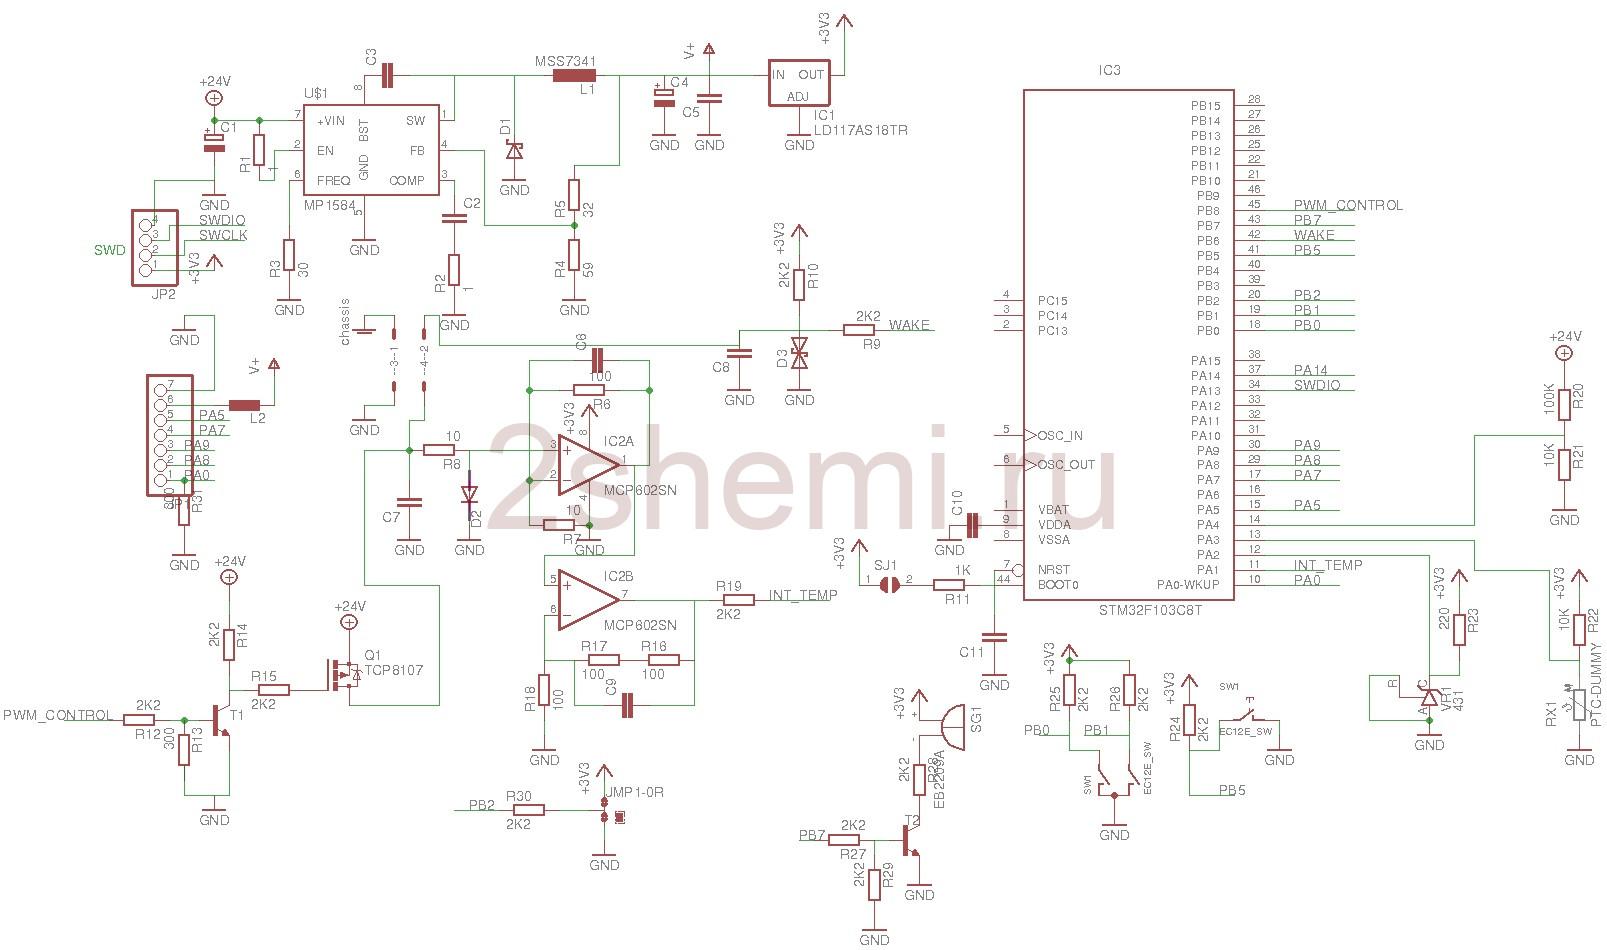 Паяльная станция Т12: схема, сборка, инструкция